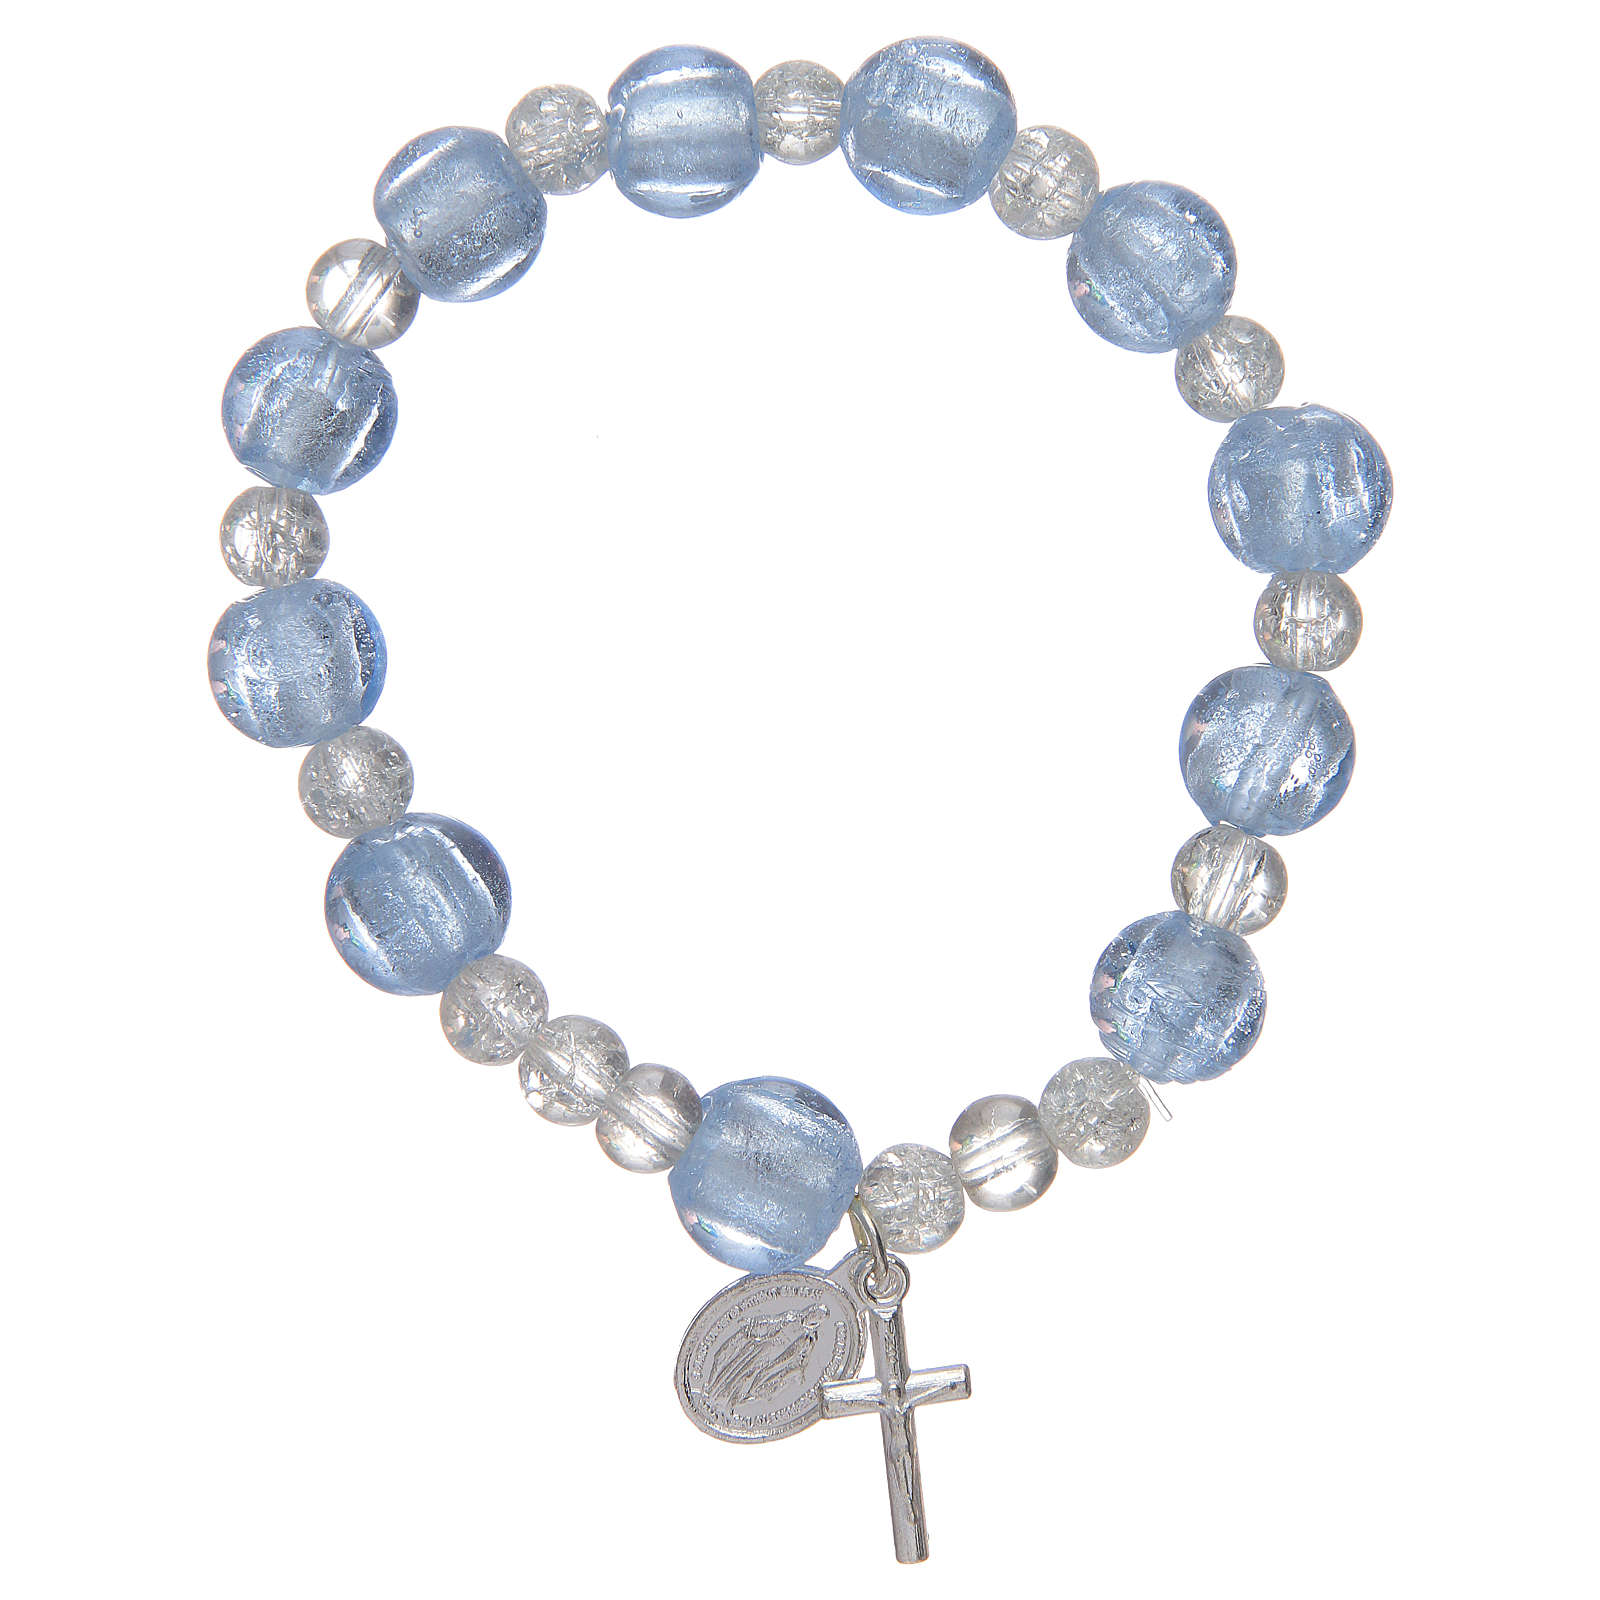 Bracciale rosario in azzurro con grani in vetro con foglia argento 4